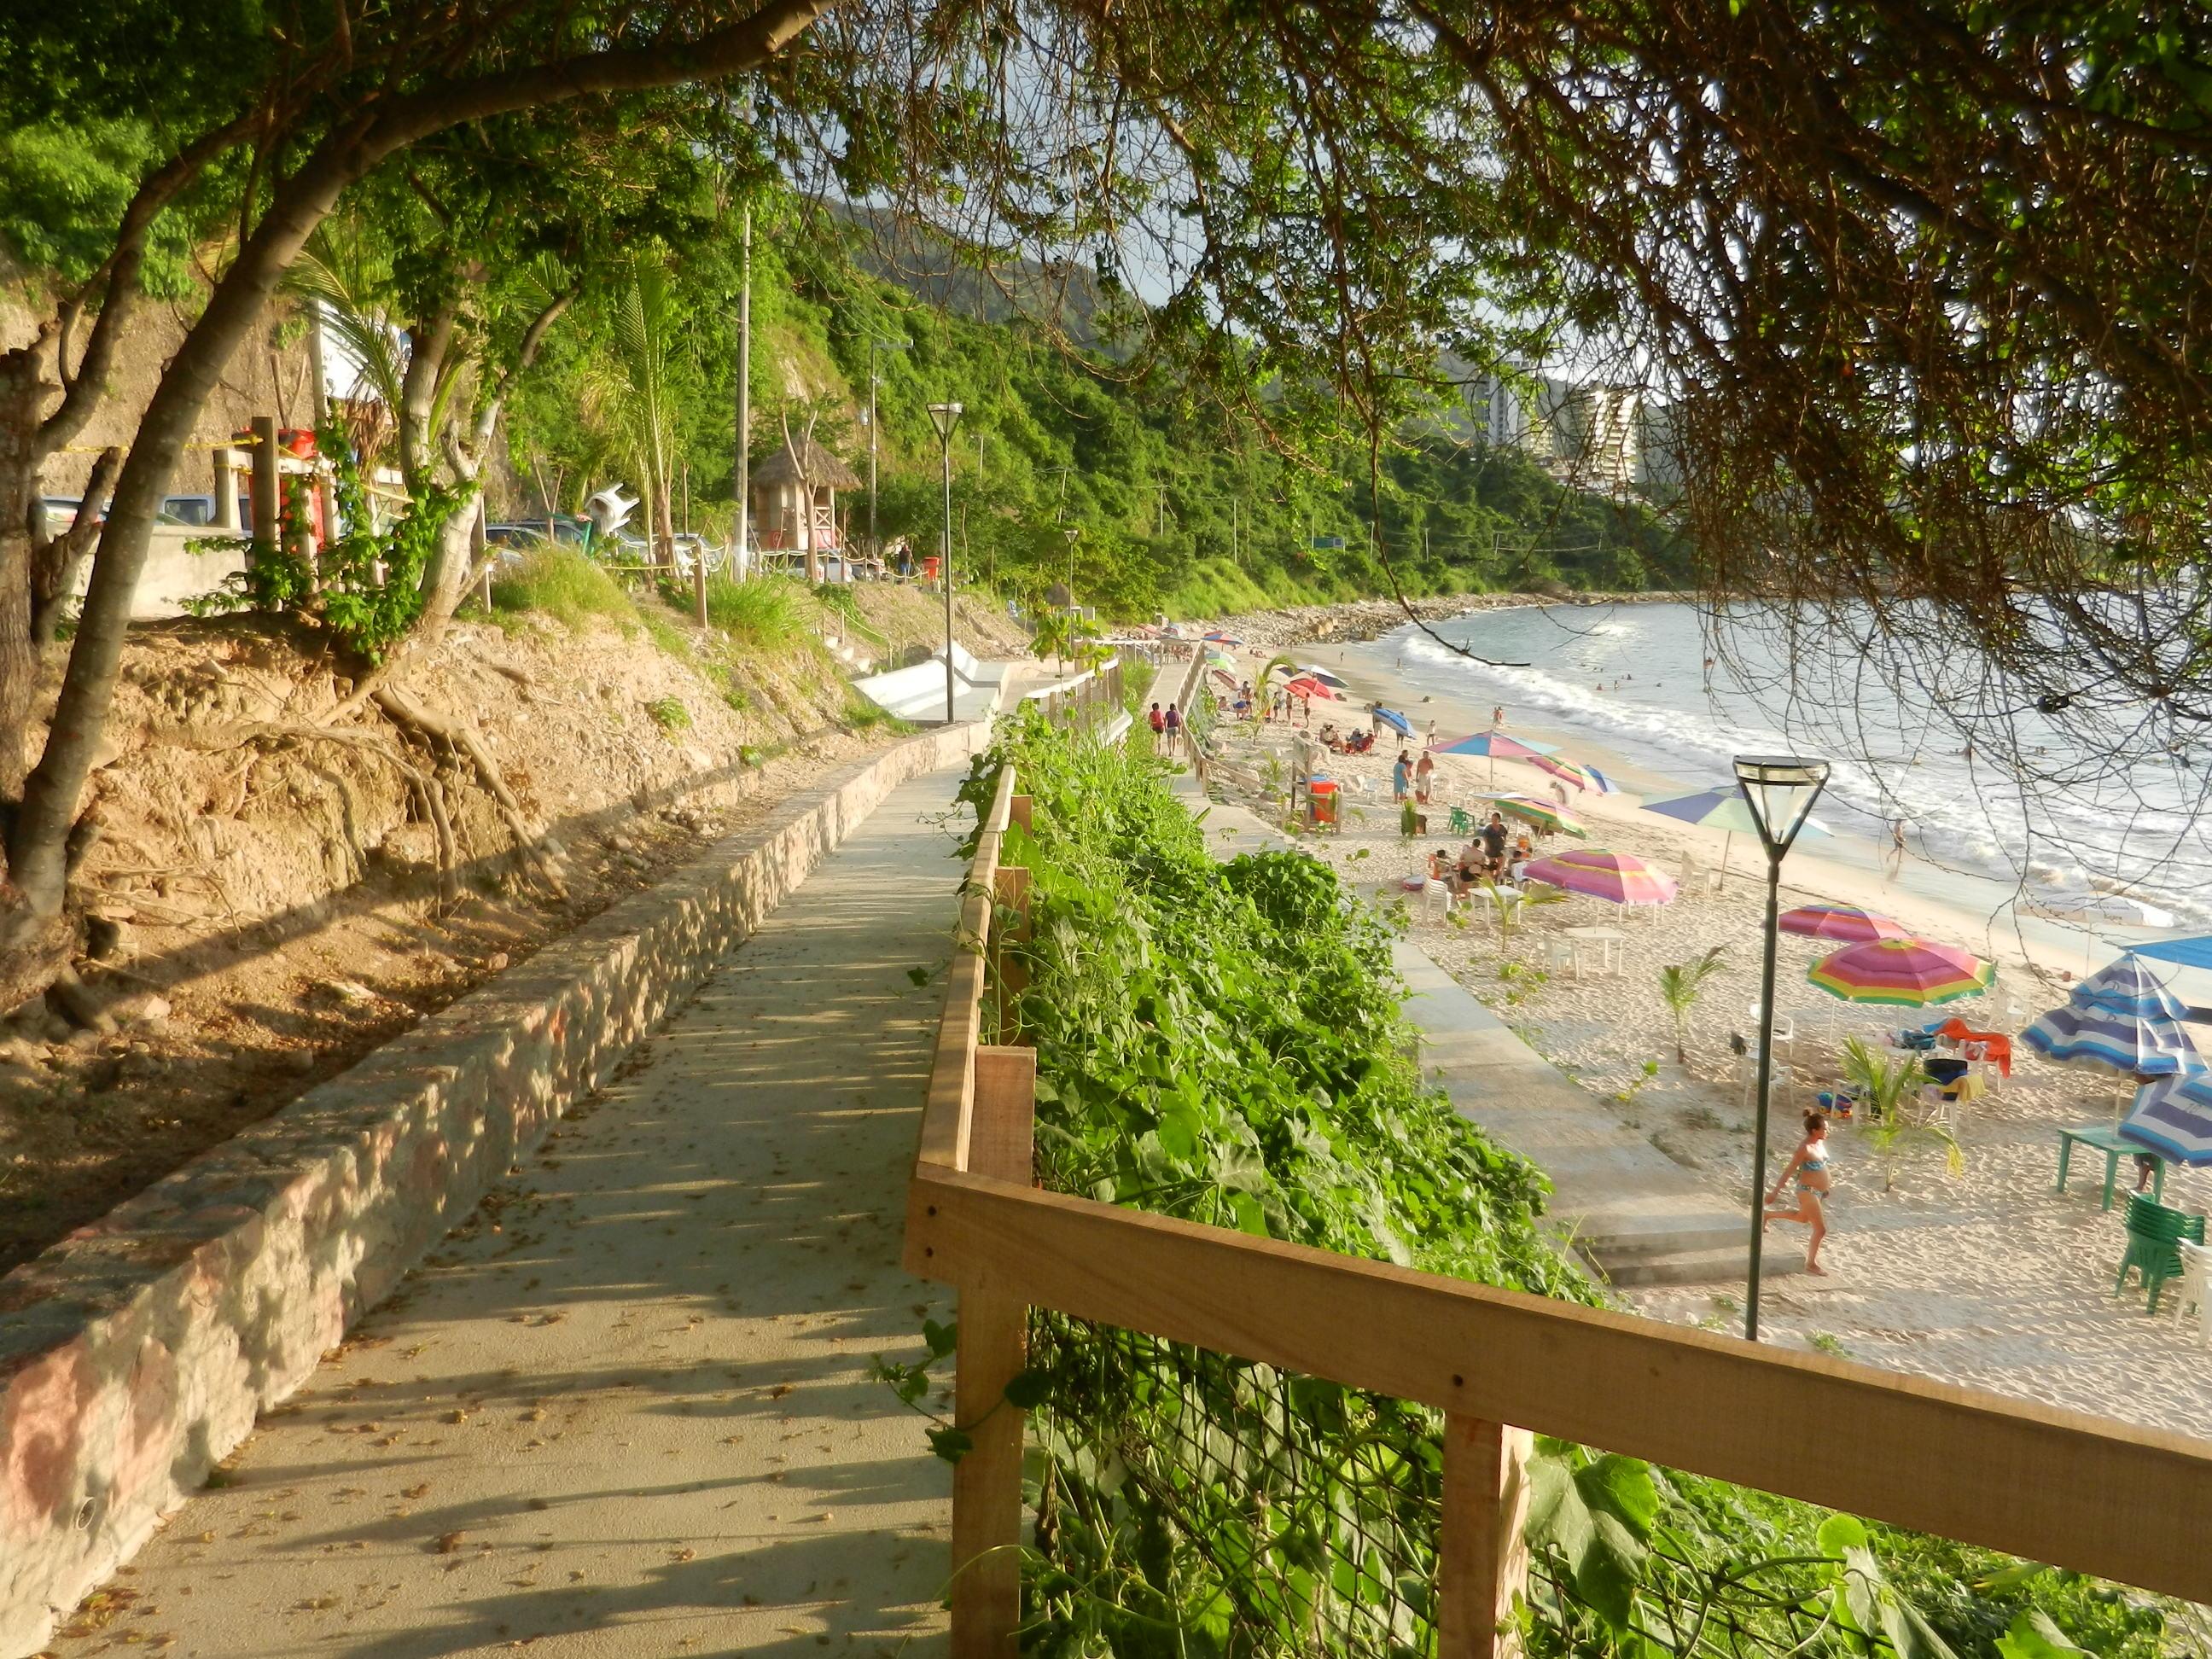 Accesos-a-Playa-arquitectos-en.puerto-vallarta